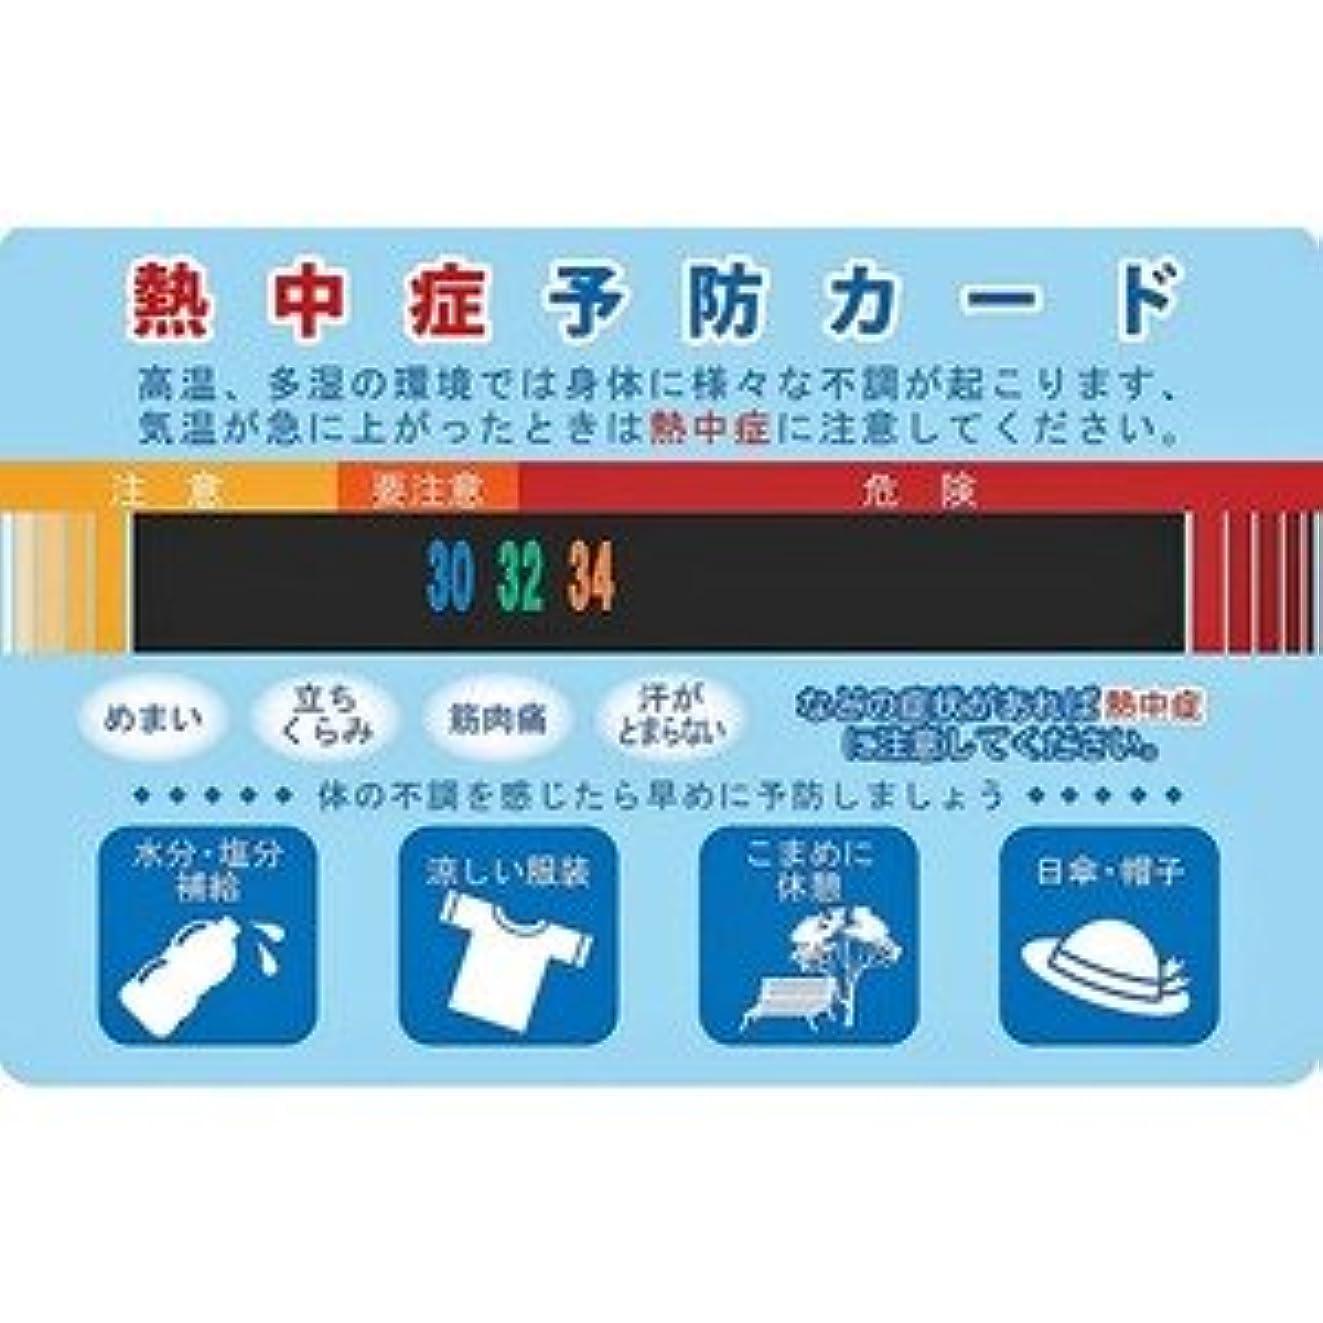 クライストチャーチティッシュリボン熱中症予防カード?NE1 【100枚セット】 熱中症対策